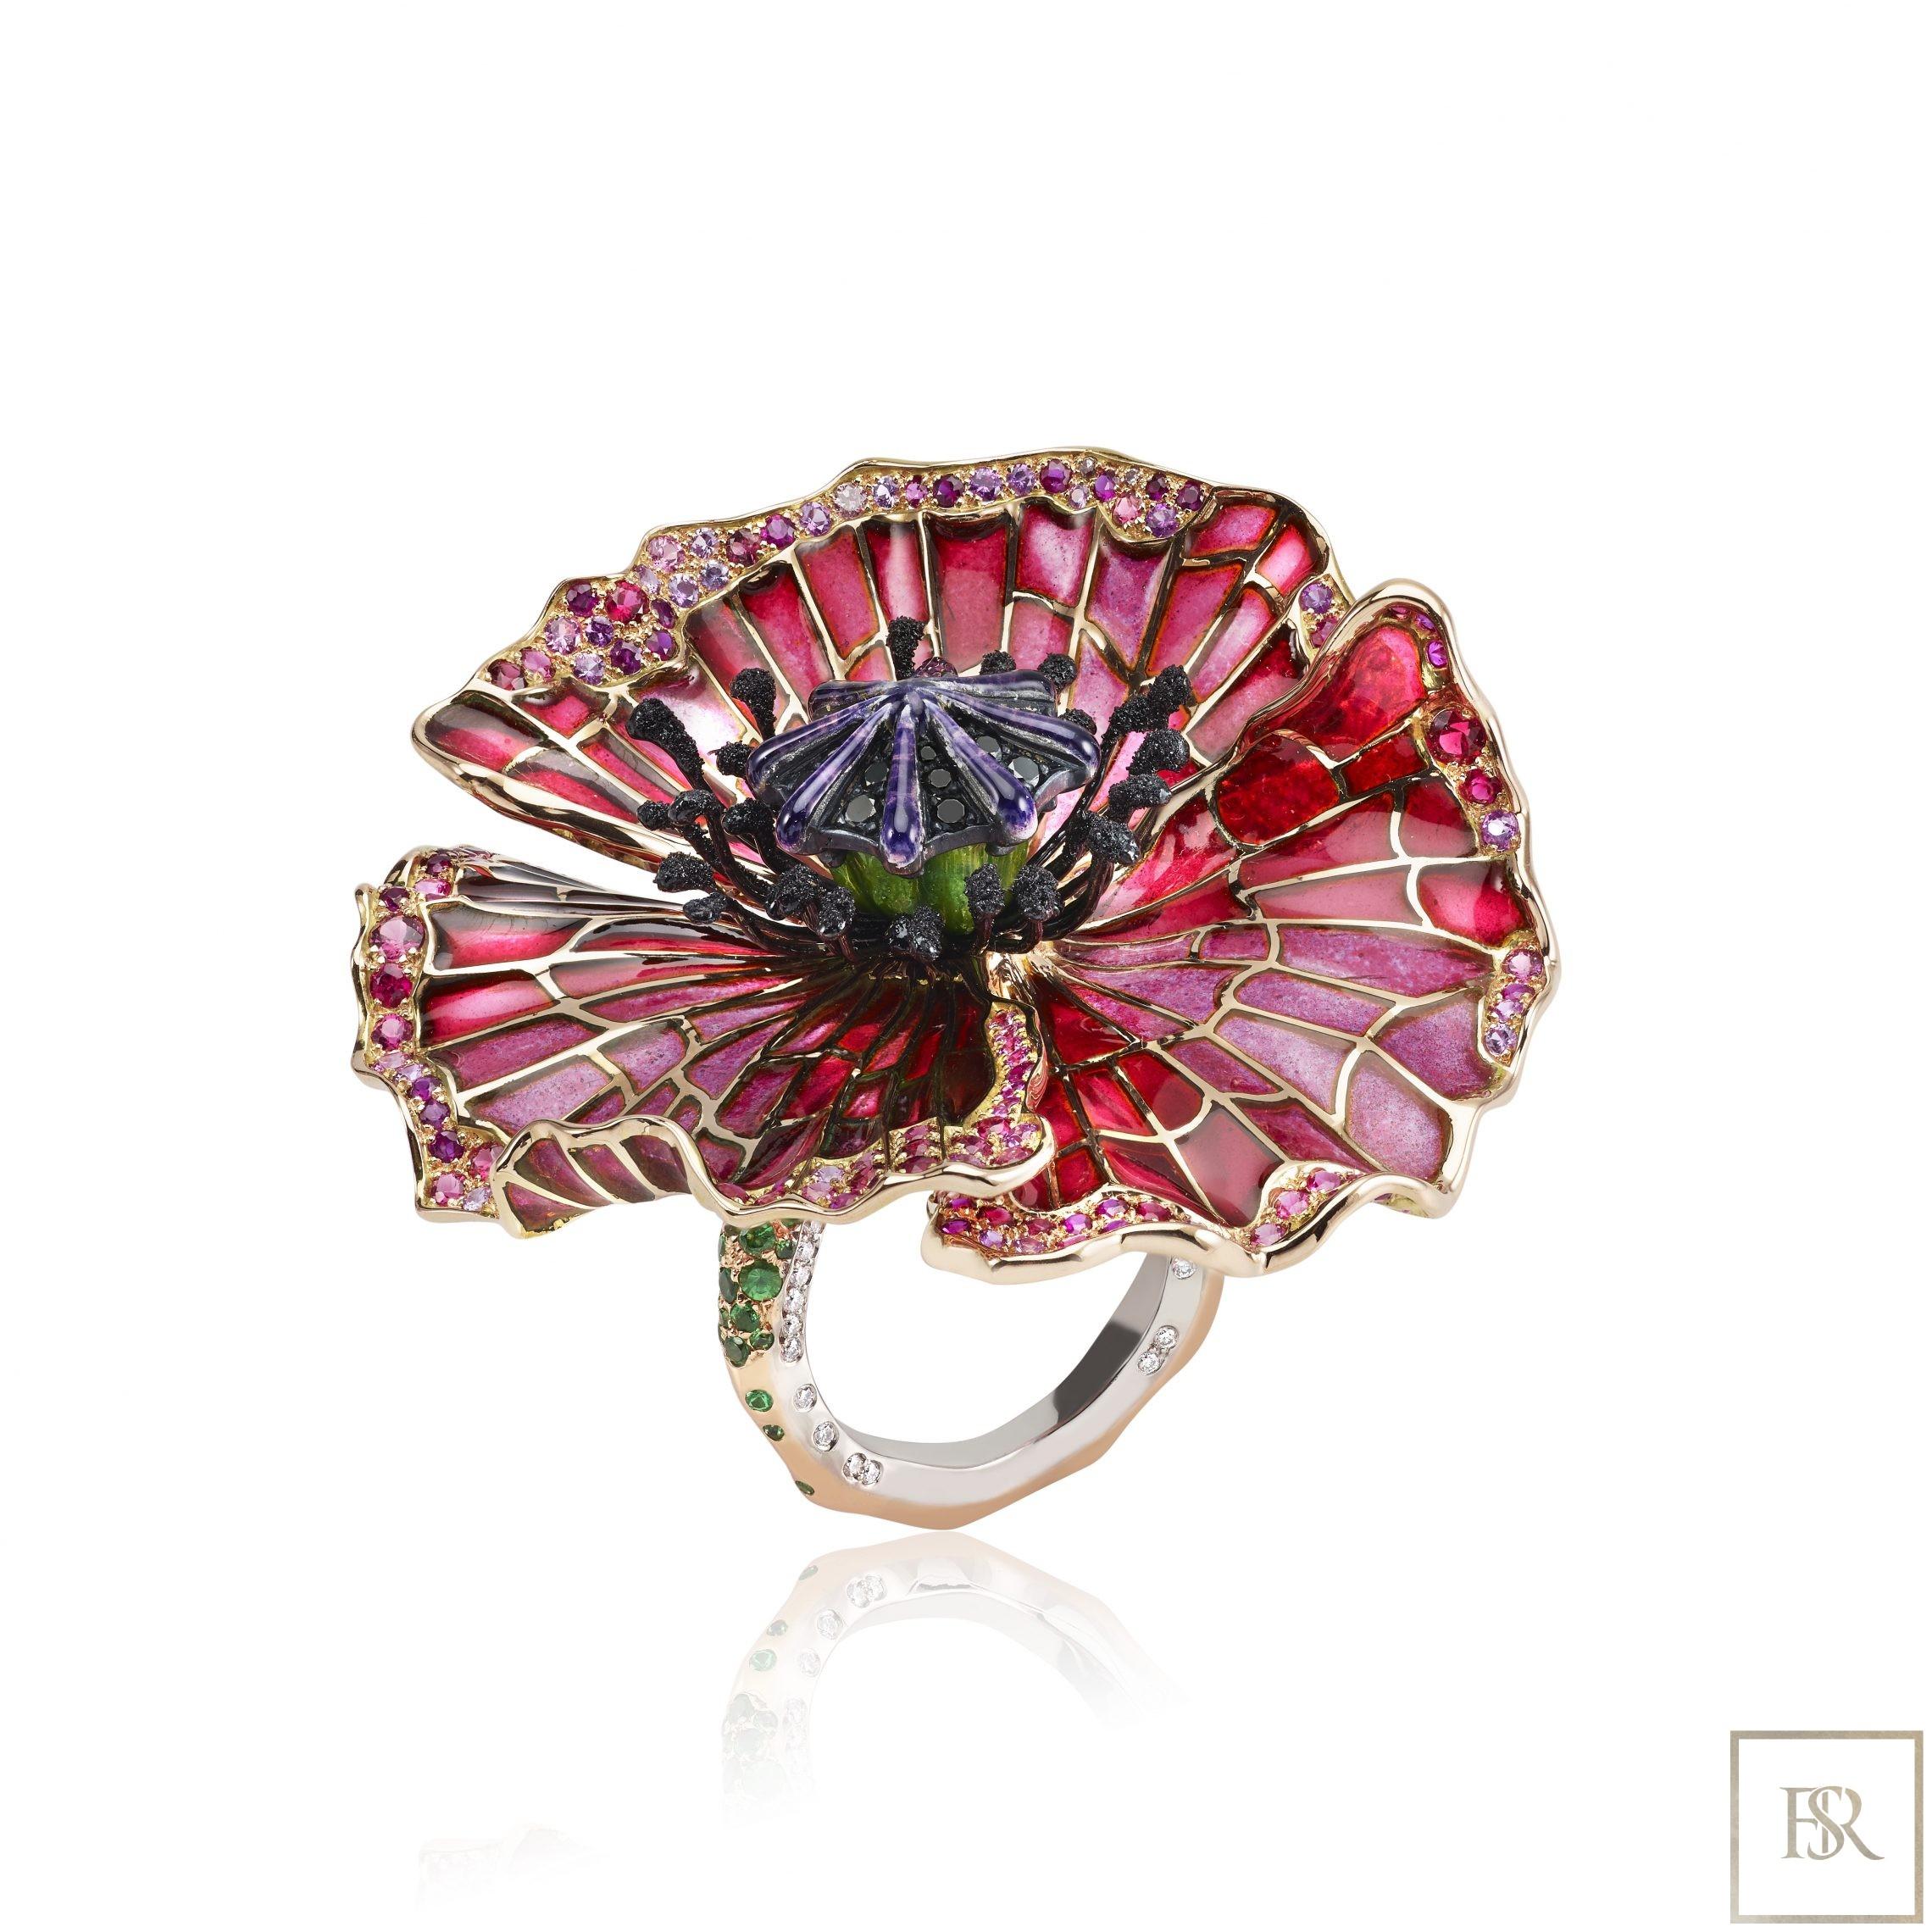 Ring PAVOT - SANDRINE TESSIER for sale For Super Rich